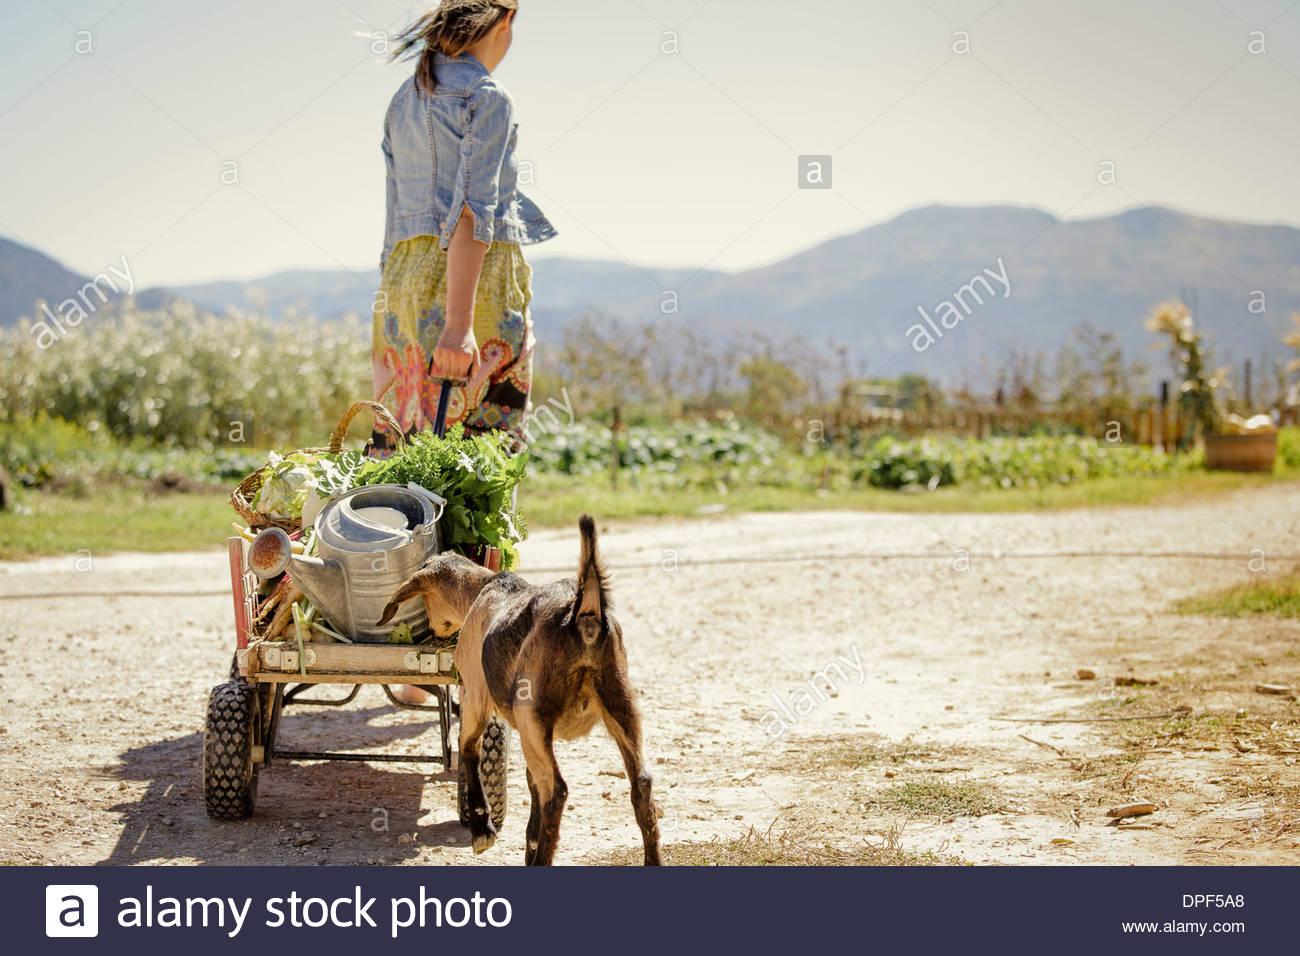 Junge Frau ziehen landwirtschaftlichen Produkten zum Warenkorb Stockbild